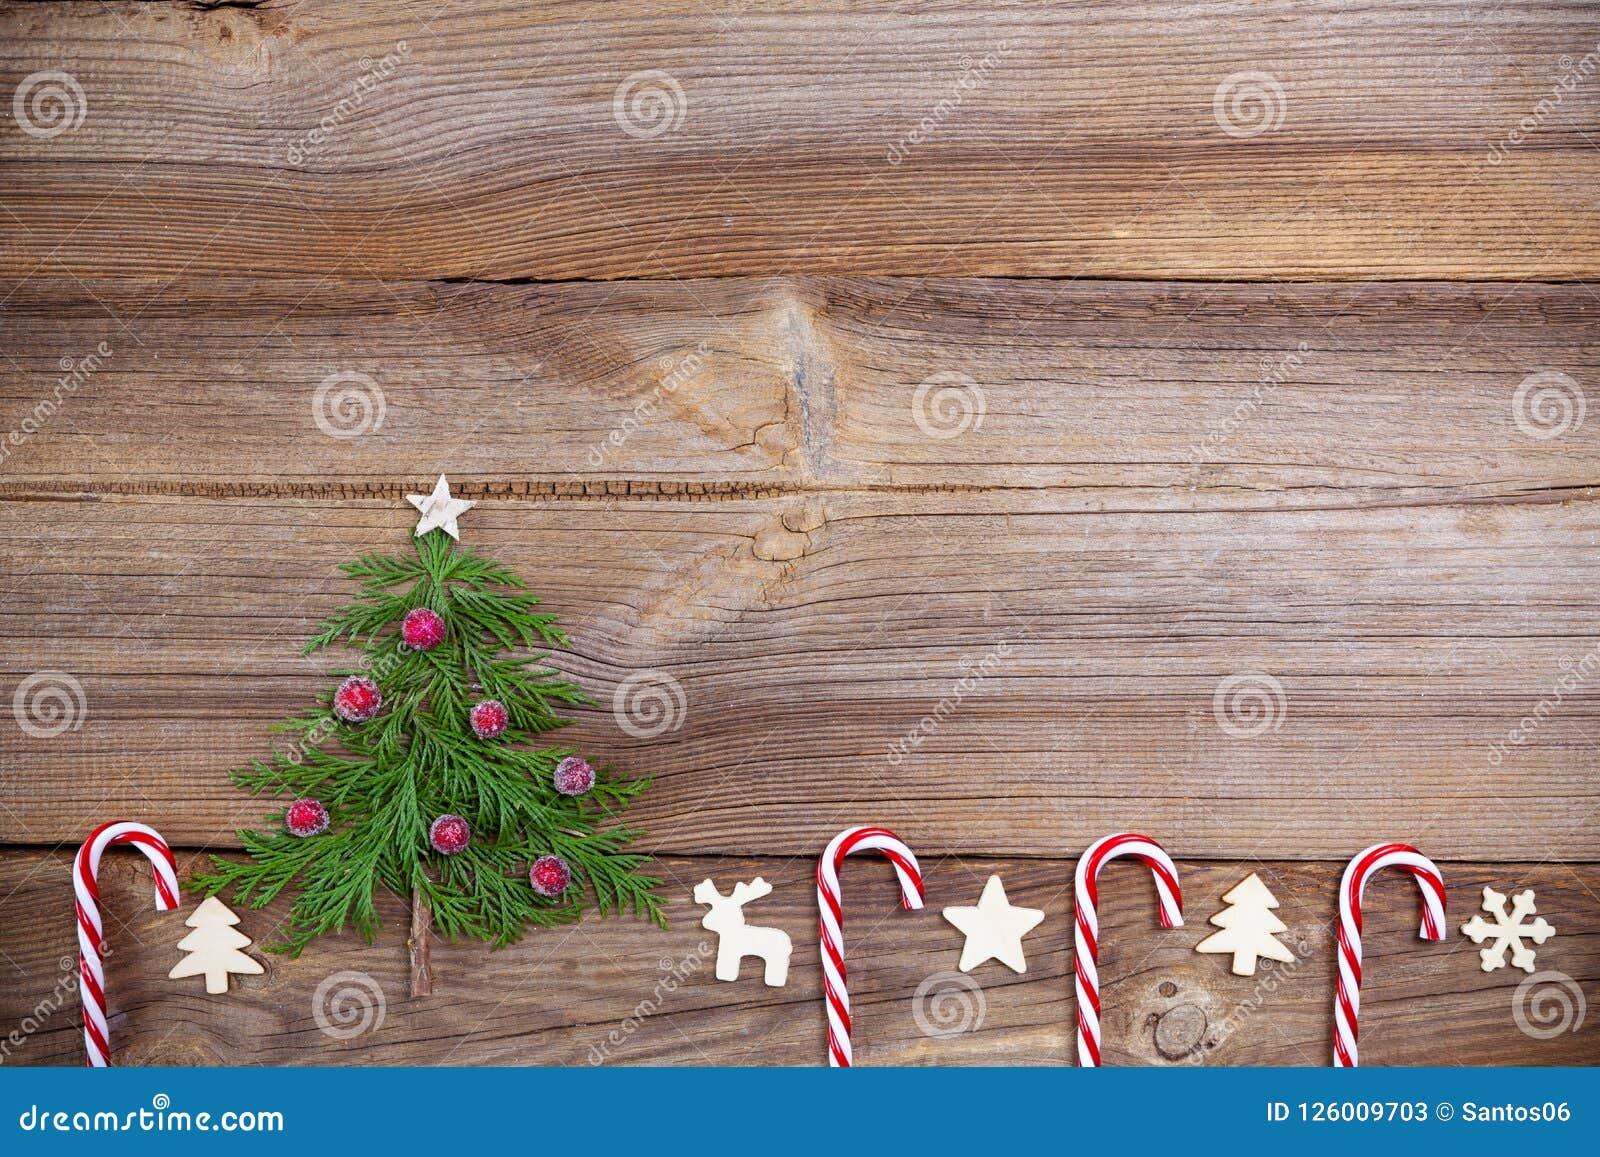 Decorazioni In Legno Per Albero Di Natale : Albero di natale sul bordo di legno con i bastoncini di zucchero e